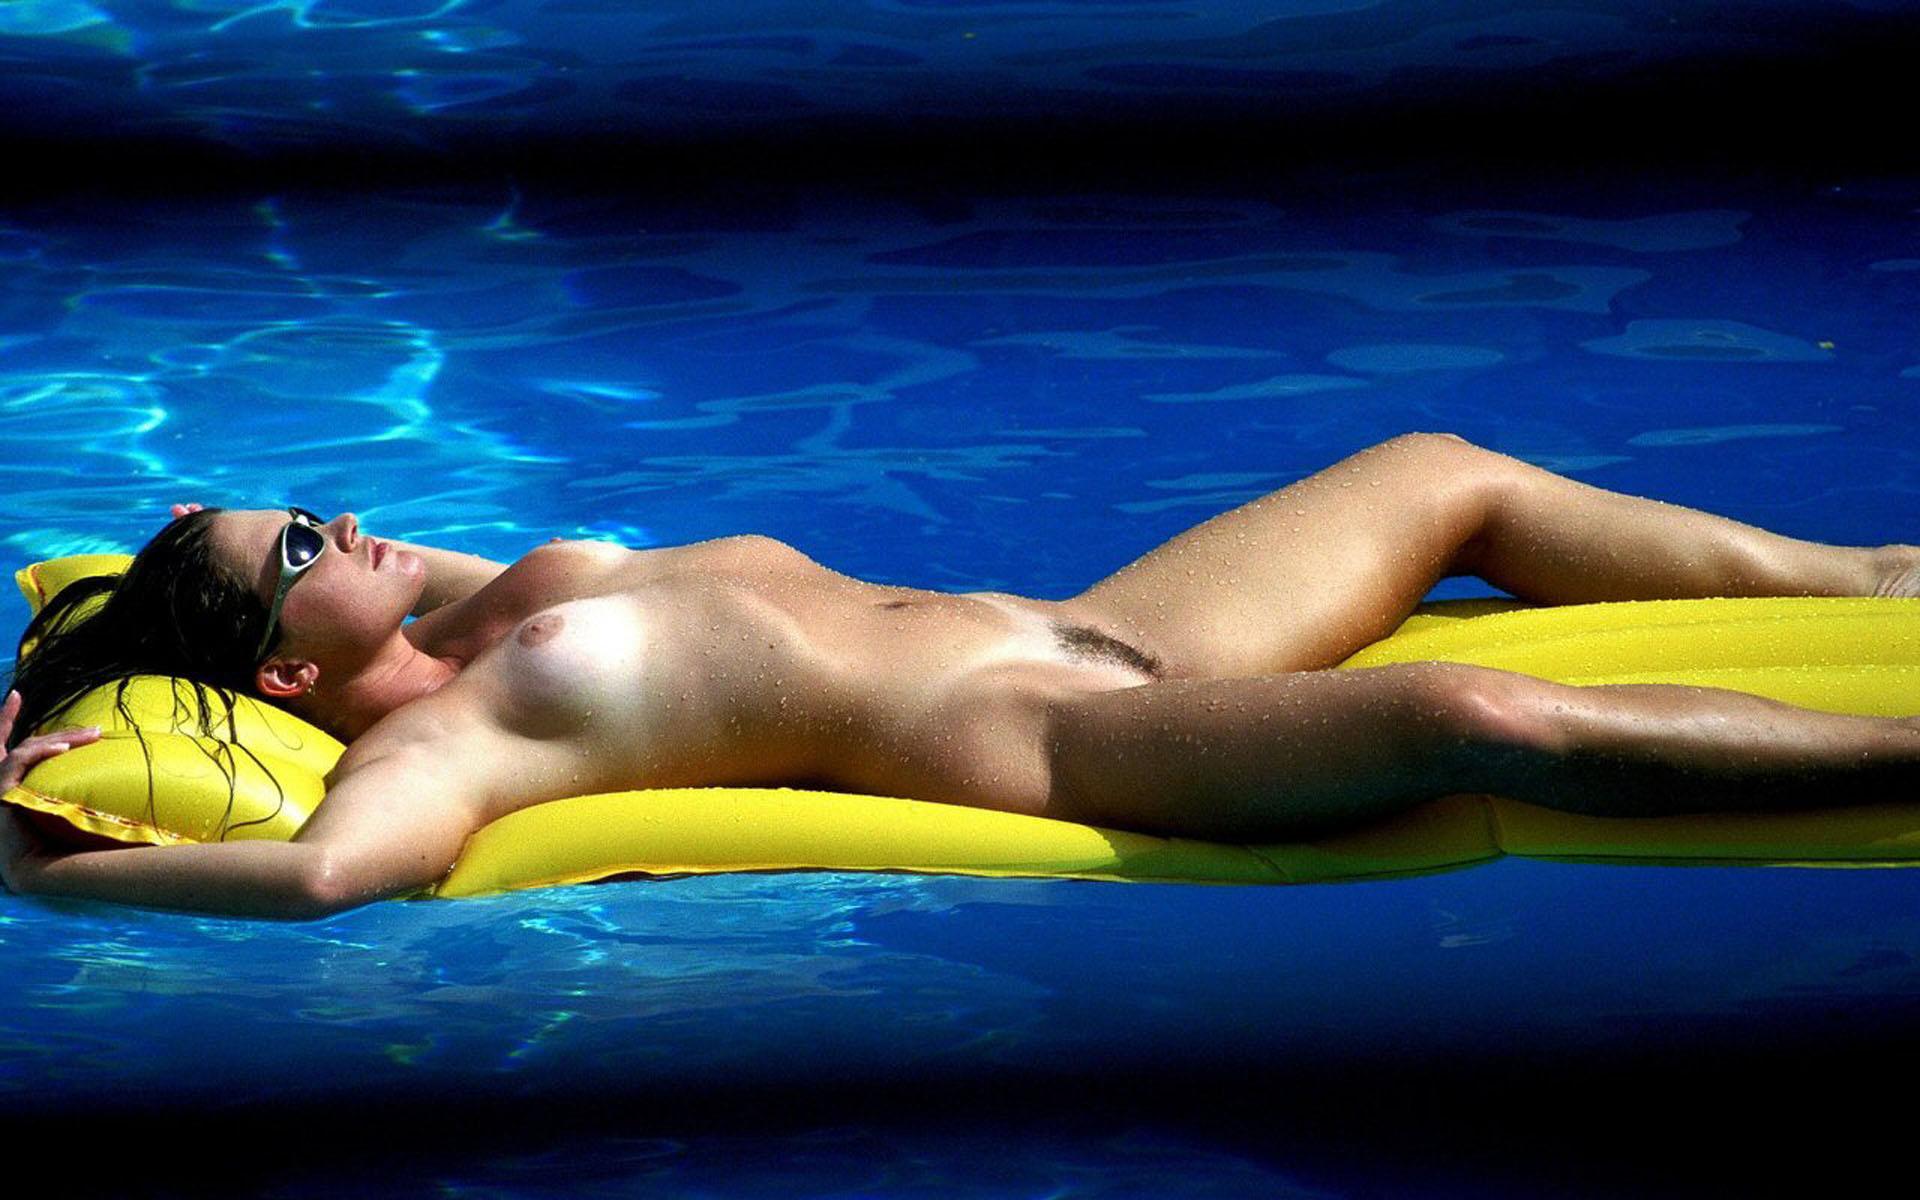 wet erotic adventures in water